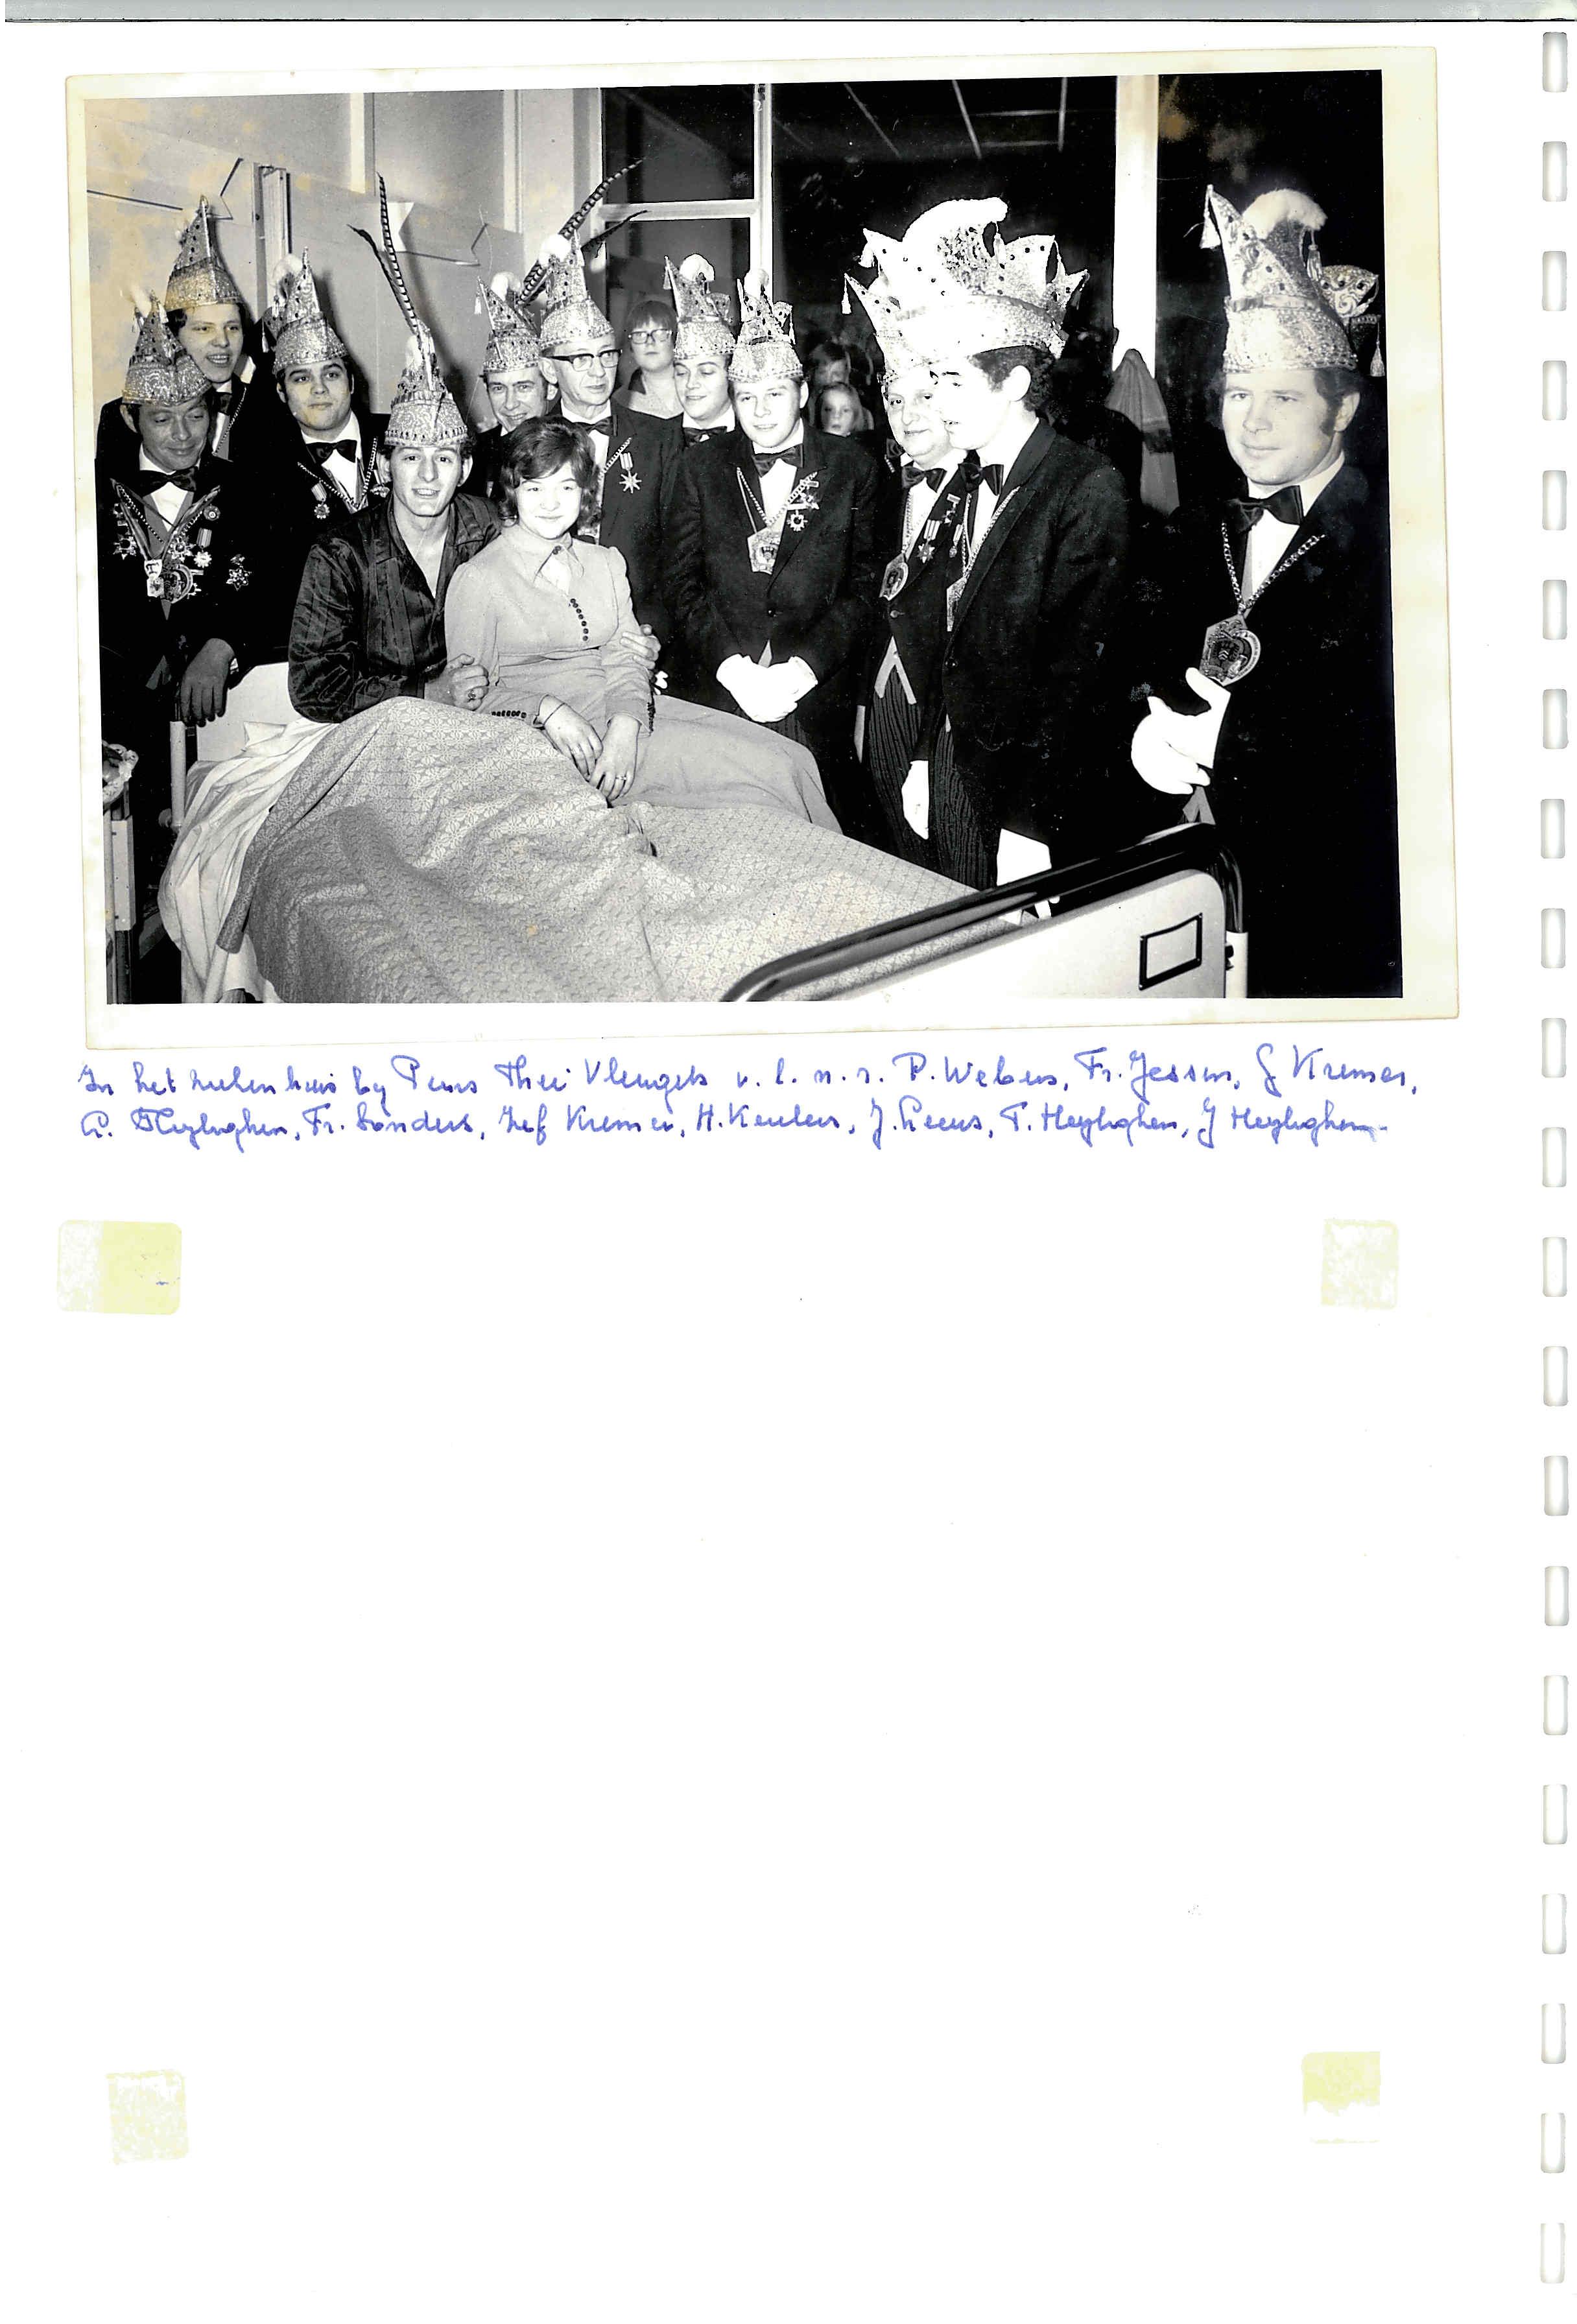 Fotoboek I Louis Heylighen p21